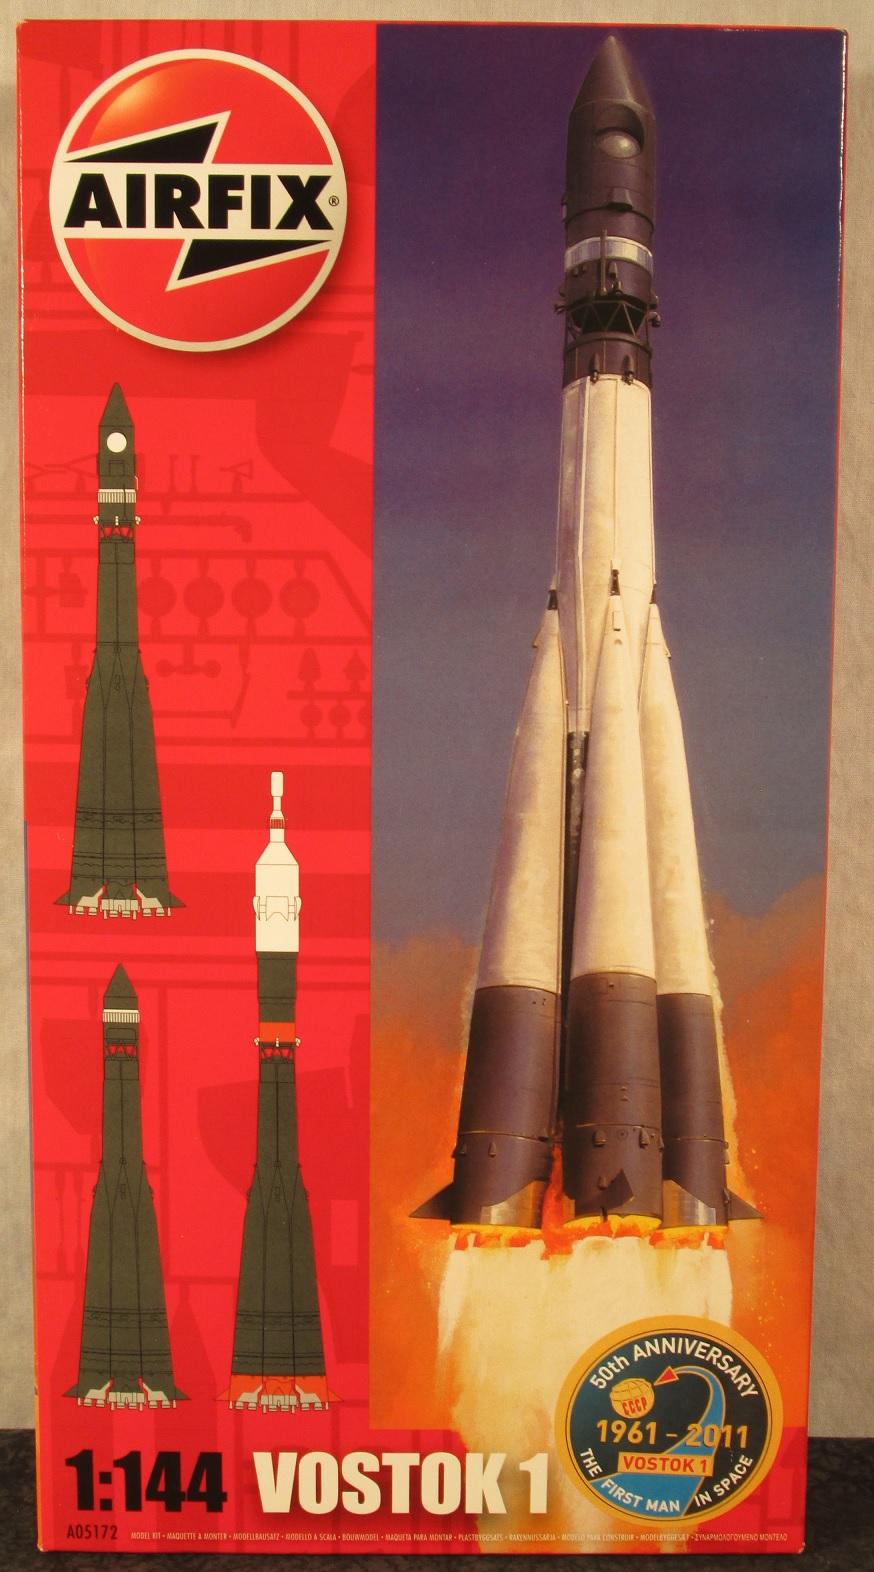 Airfix Ussr Soviet 1 144 Scale Vostok 1 Rocket Afx 5172